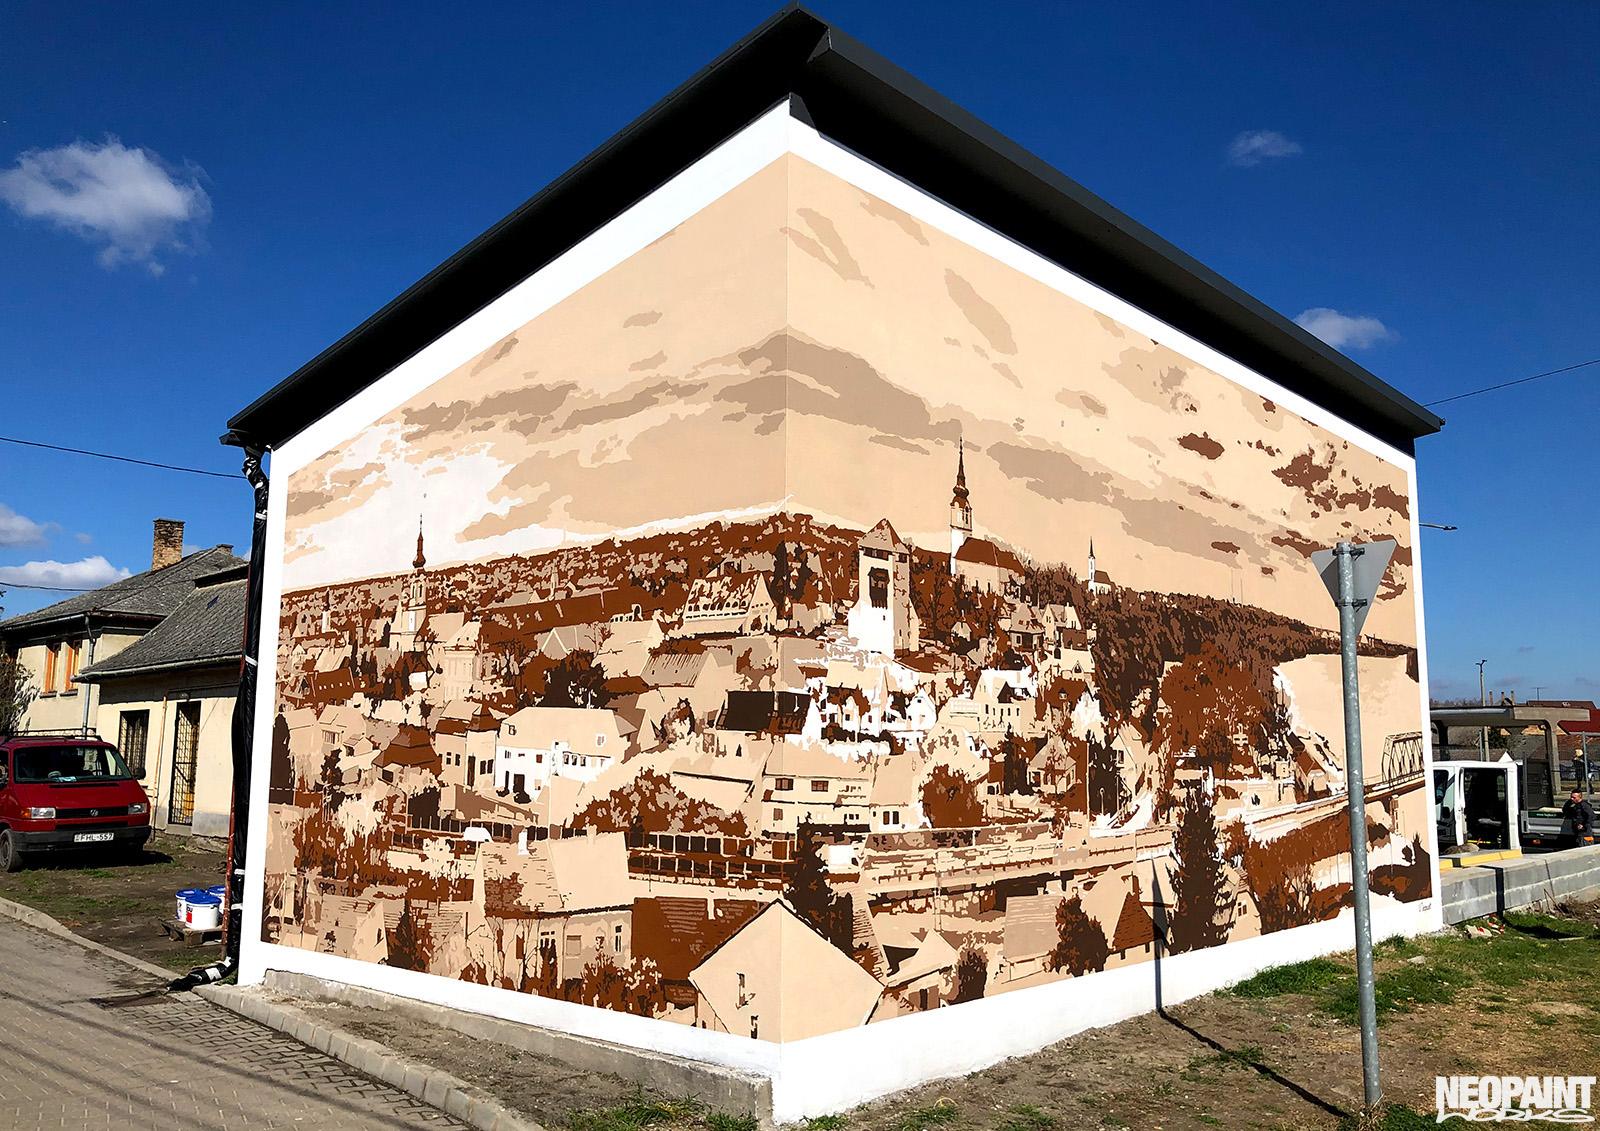 neopaint works - épület festés kreatívan - dunaföldvár panoráma